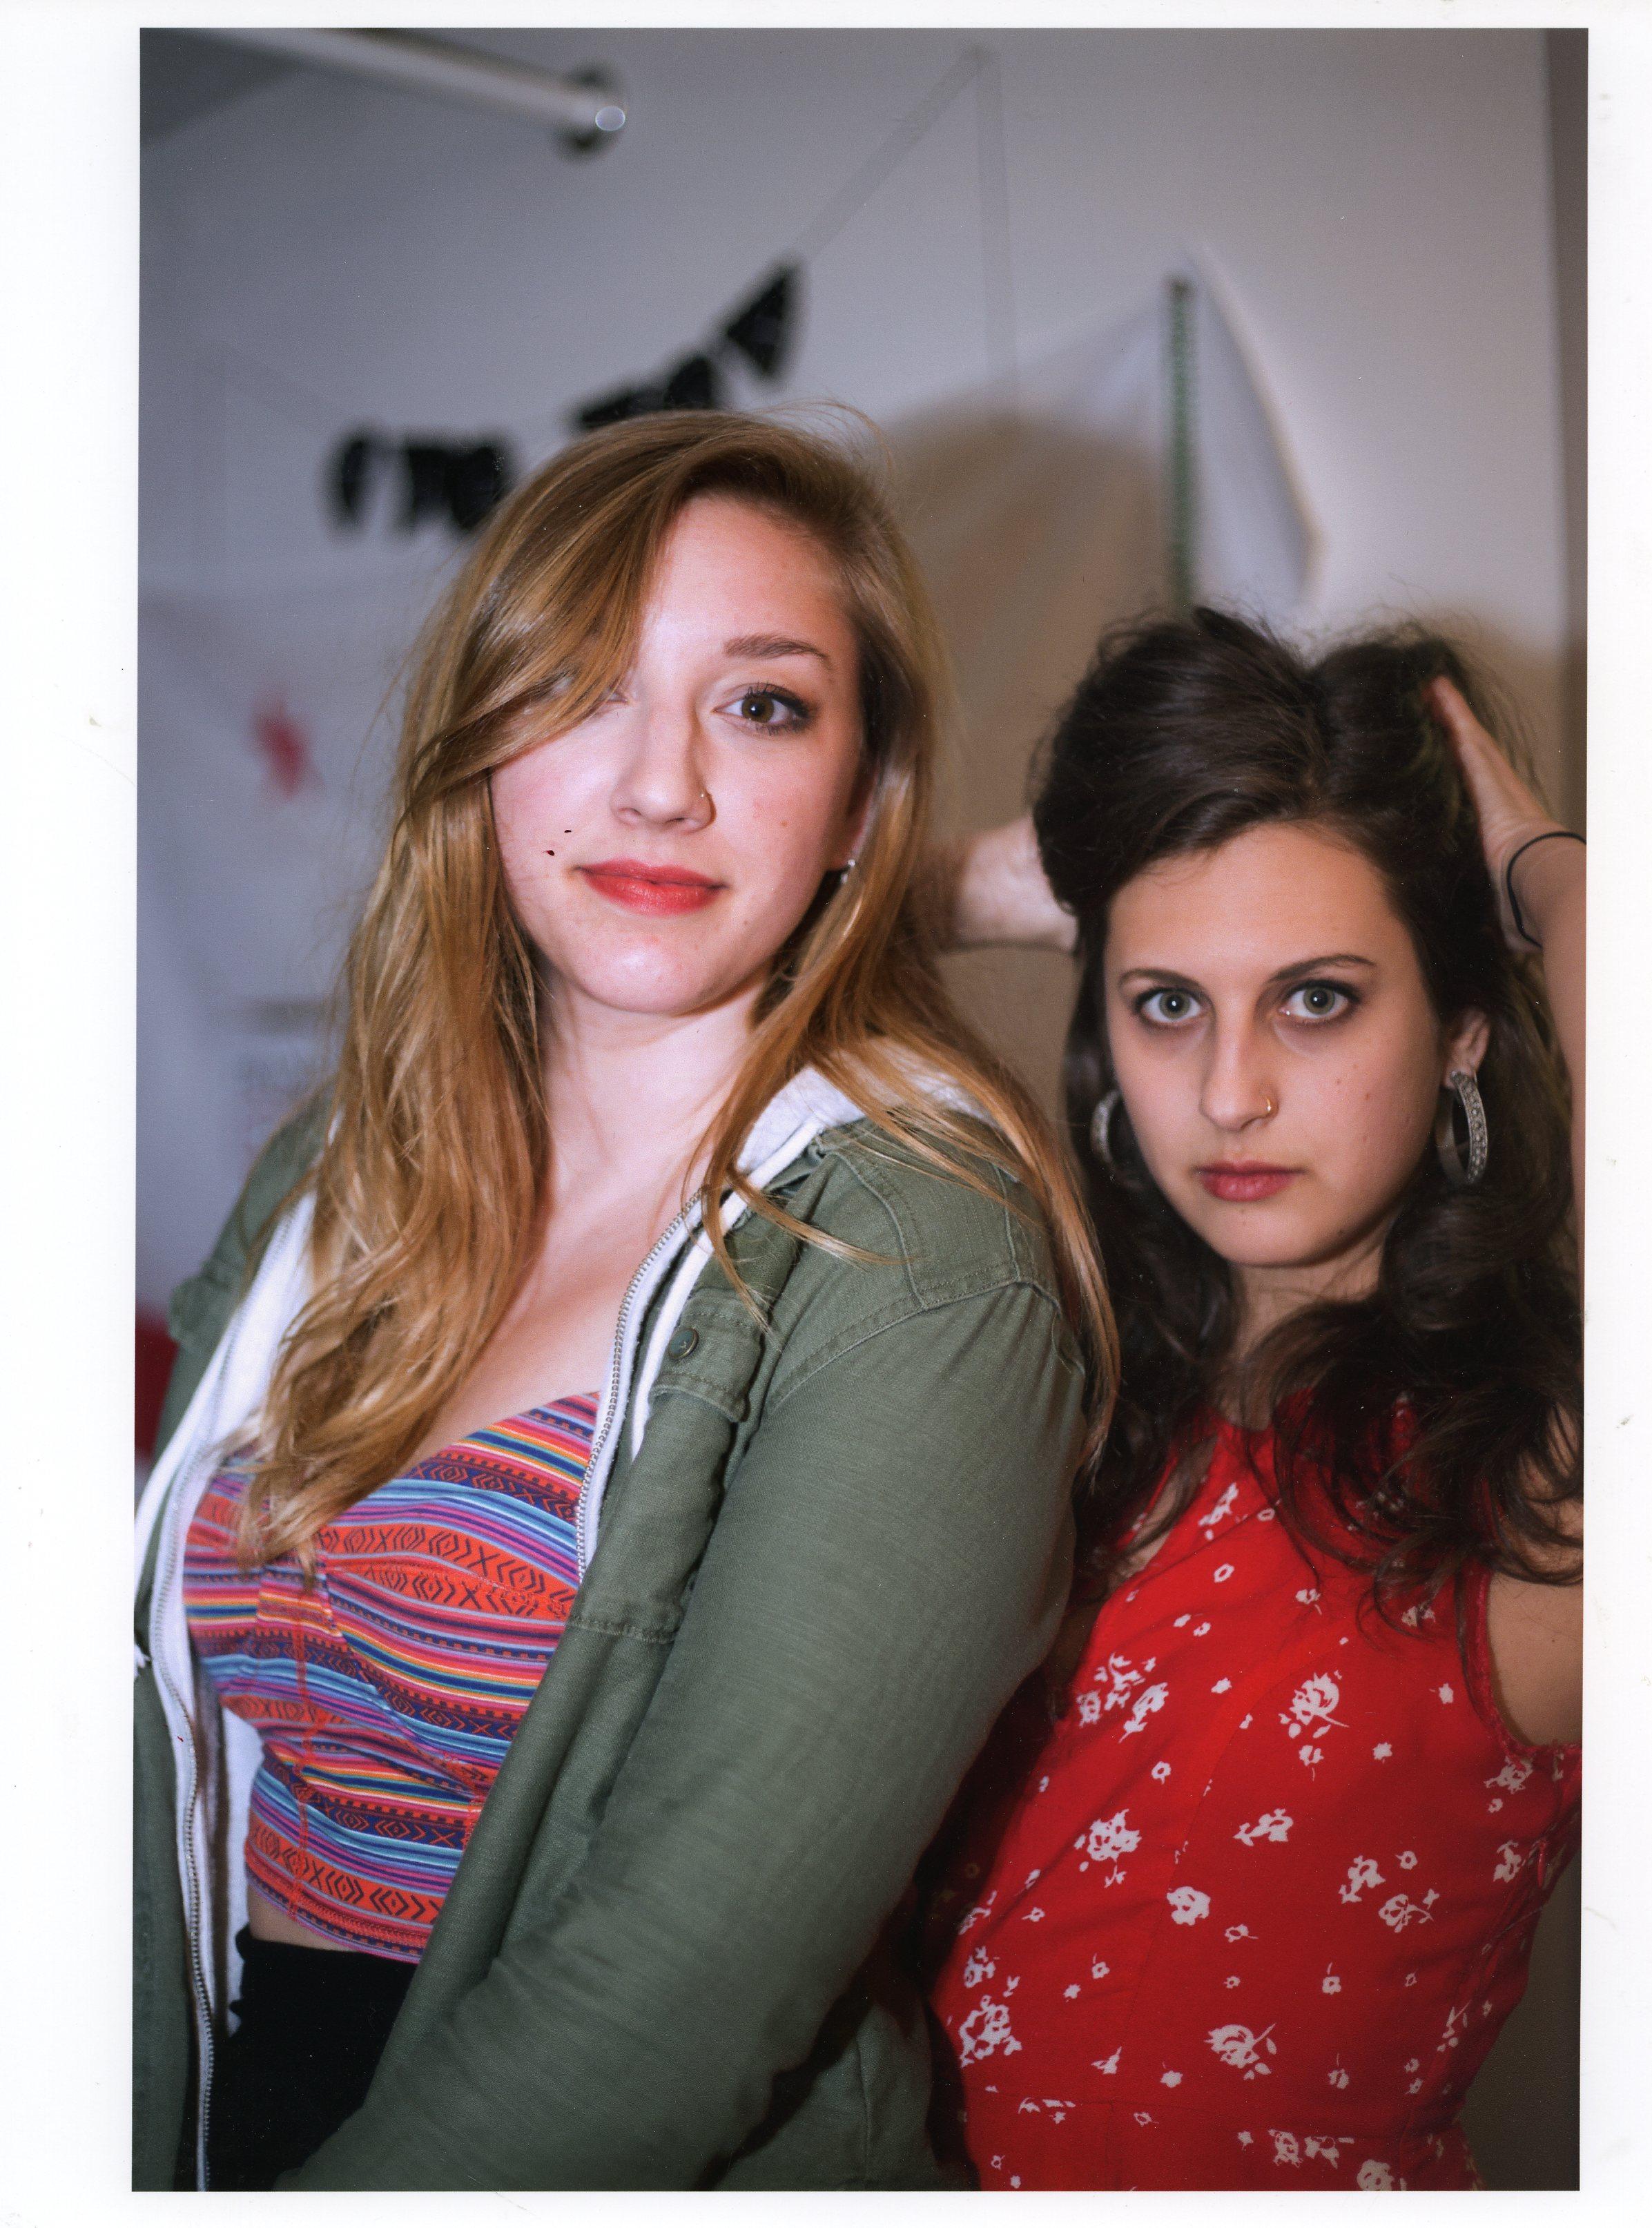 Anna and Hanna